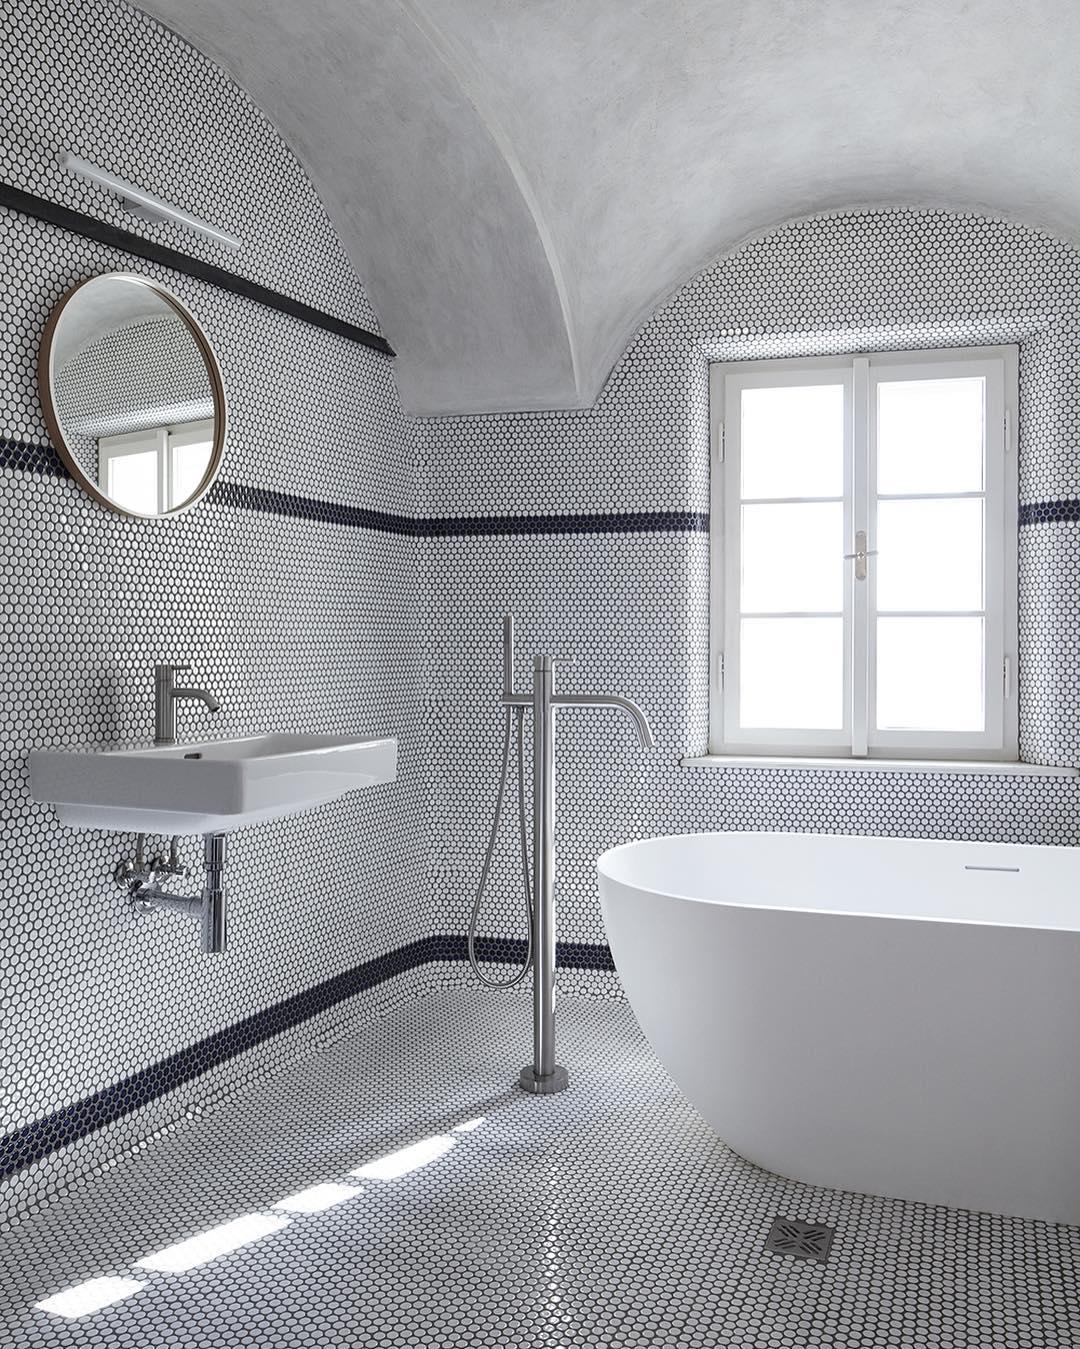 アーチ天井×モザイクタイルが個性的